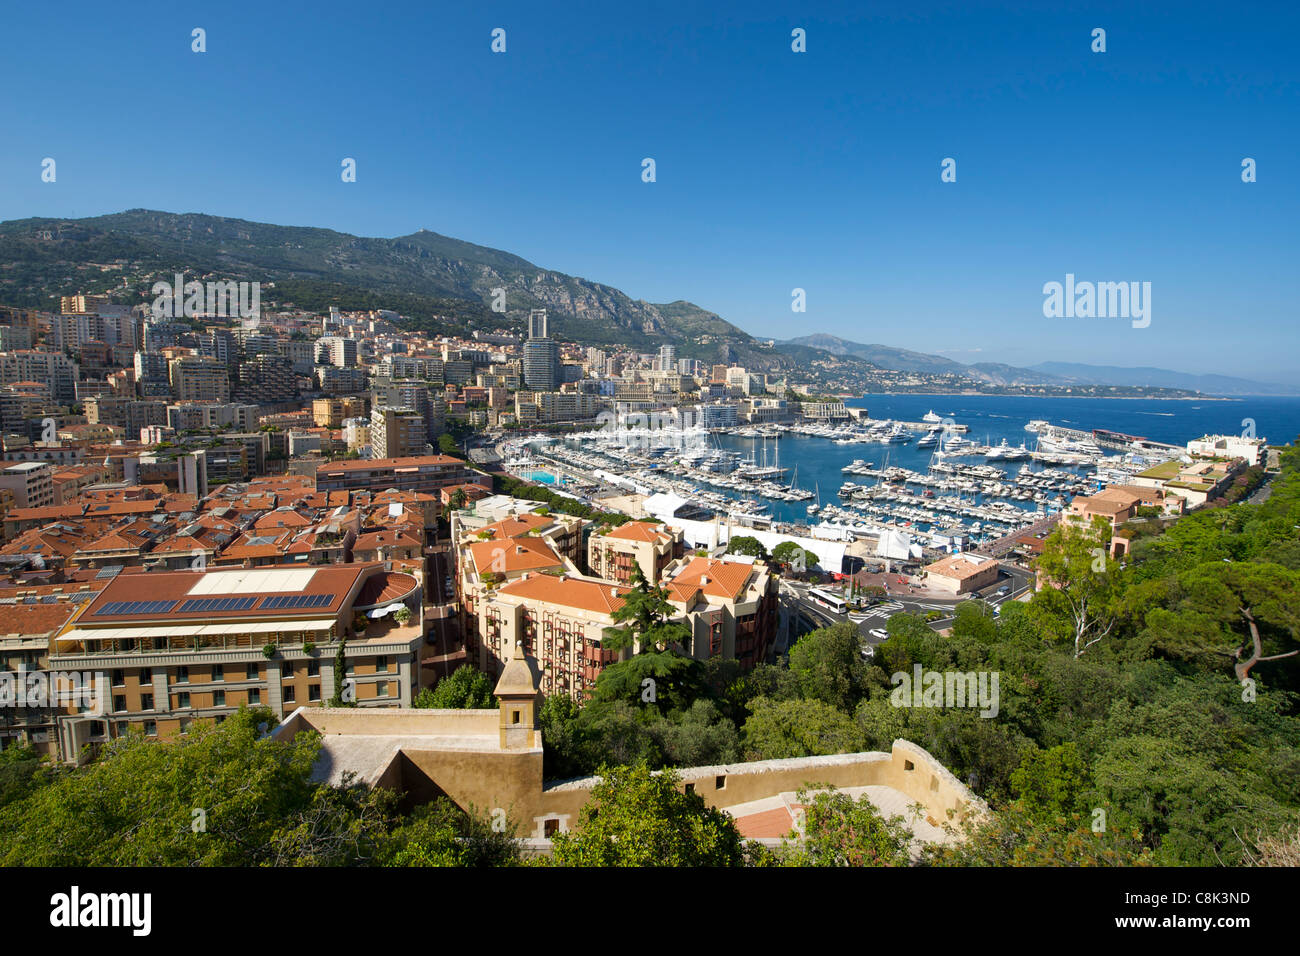 Vista del Porto Ercole e la città e il Principato di Monaco sulla Riviera Francese lungo la costa mediterranea. Immagini Stock